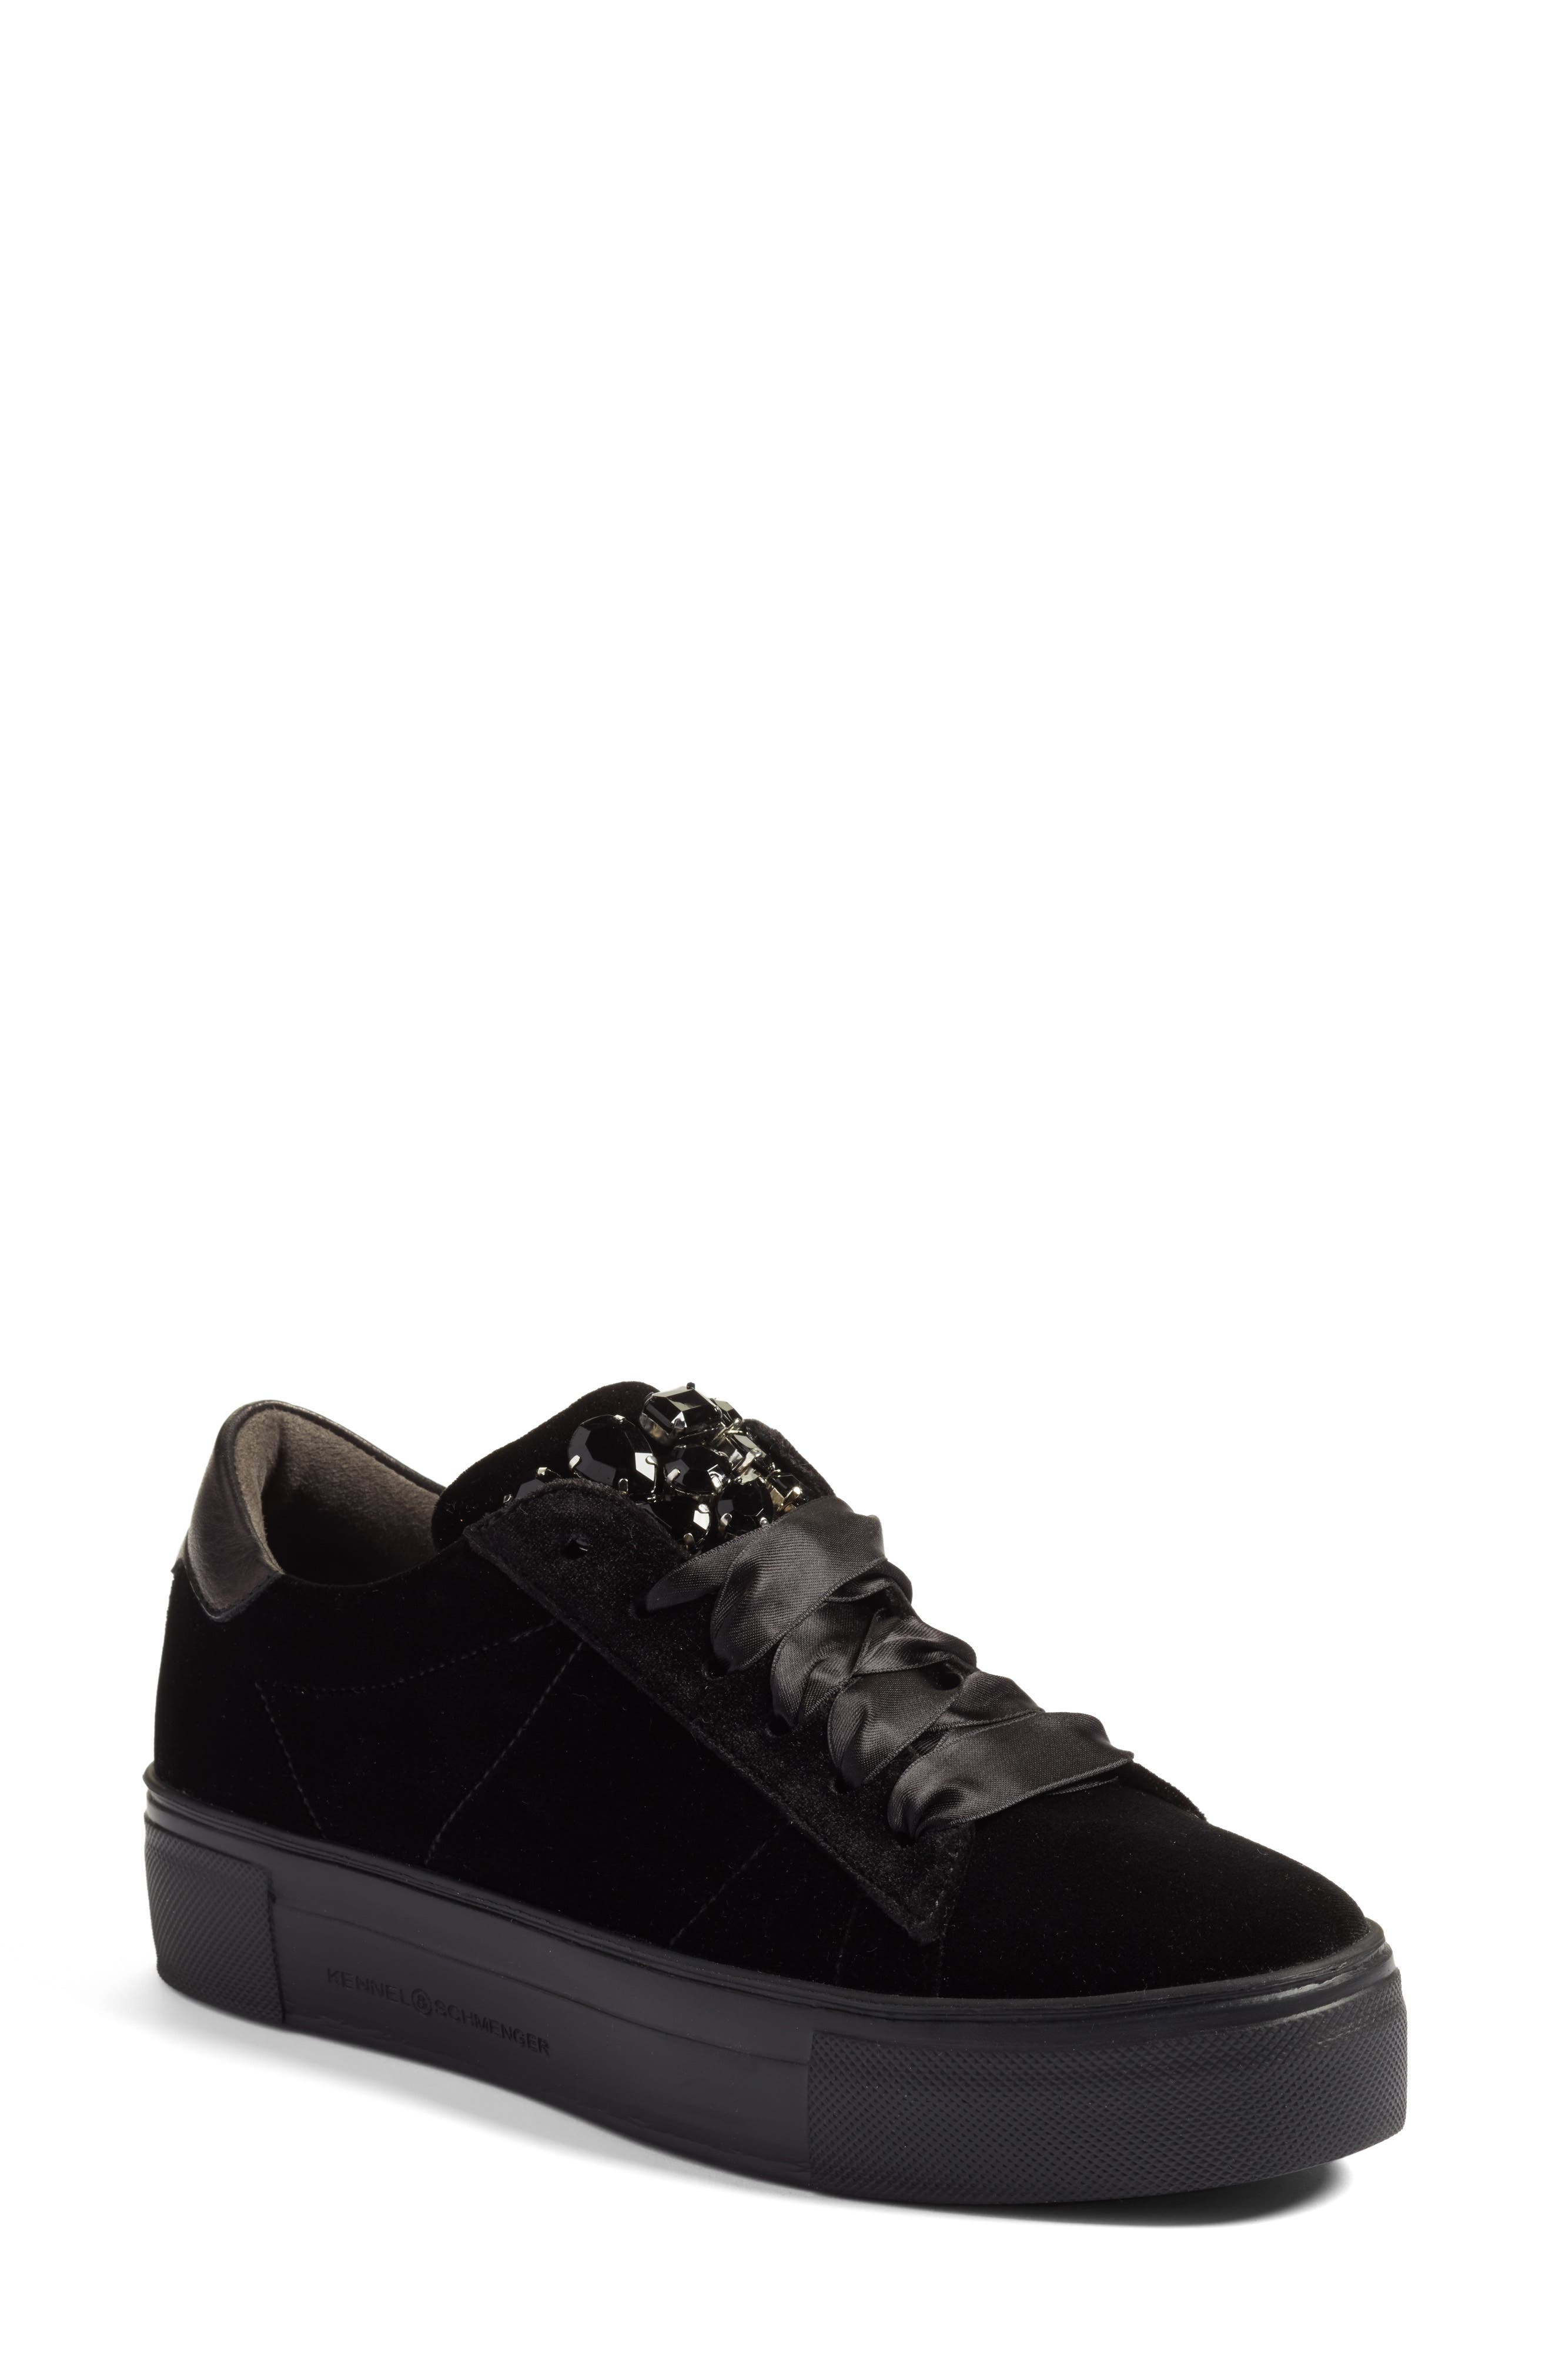 Kennel & Schmenger Big Velvet Lace-Up Sneaker,                             Main thumbnail 1, color,